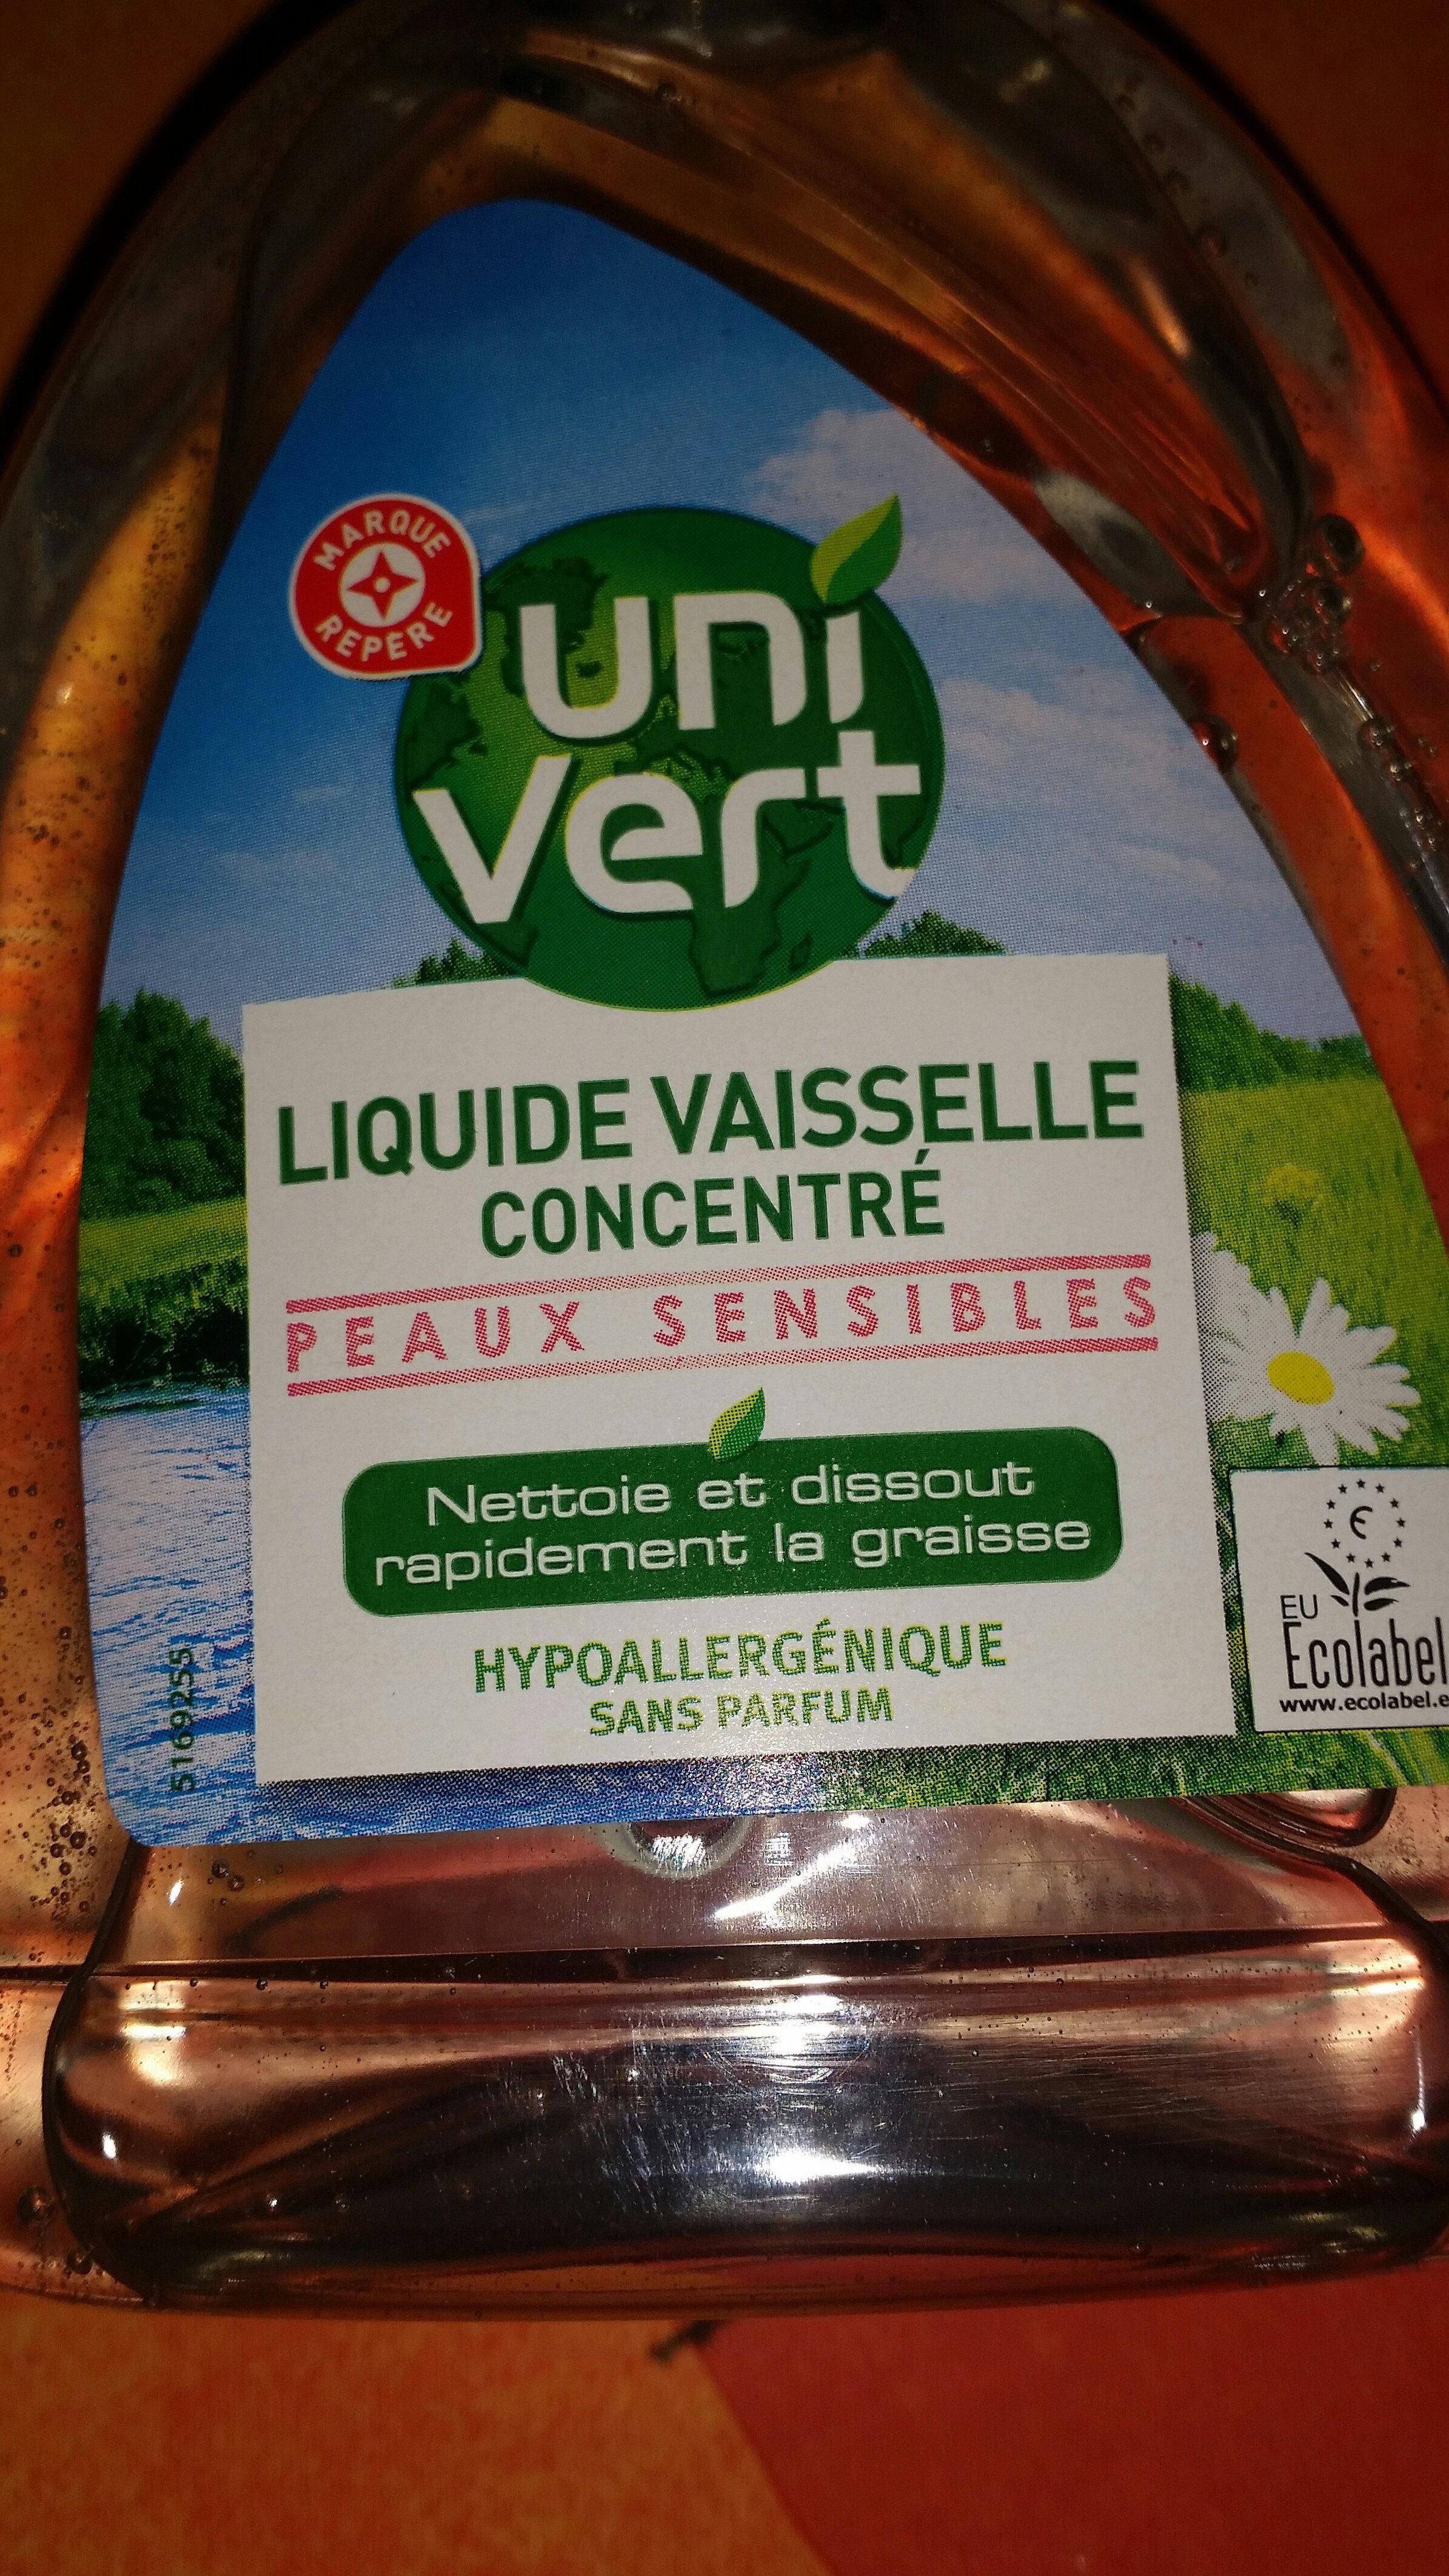 liquide vaisselle concentré - Product